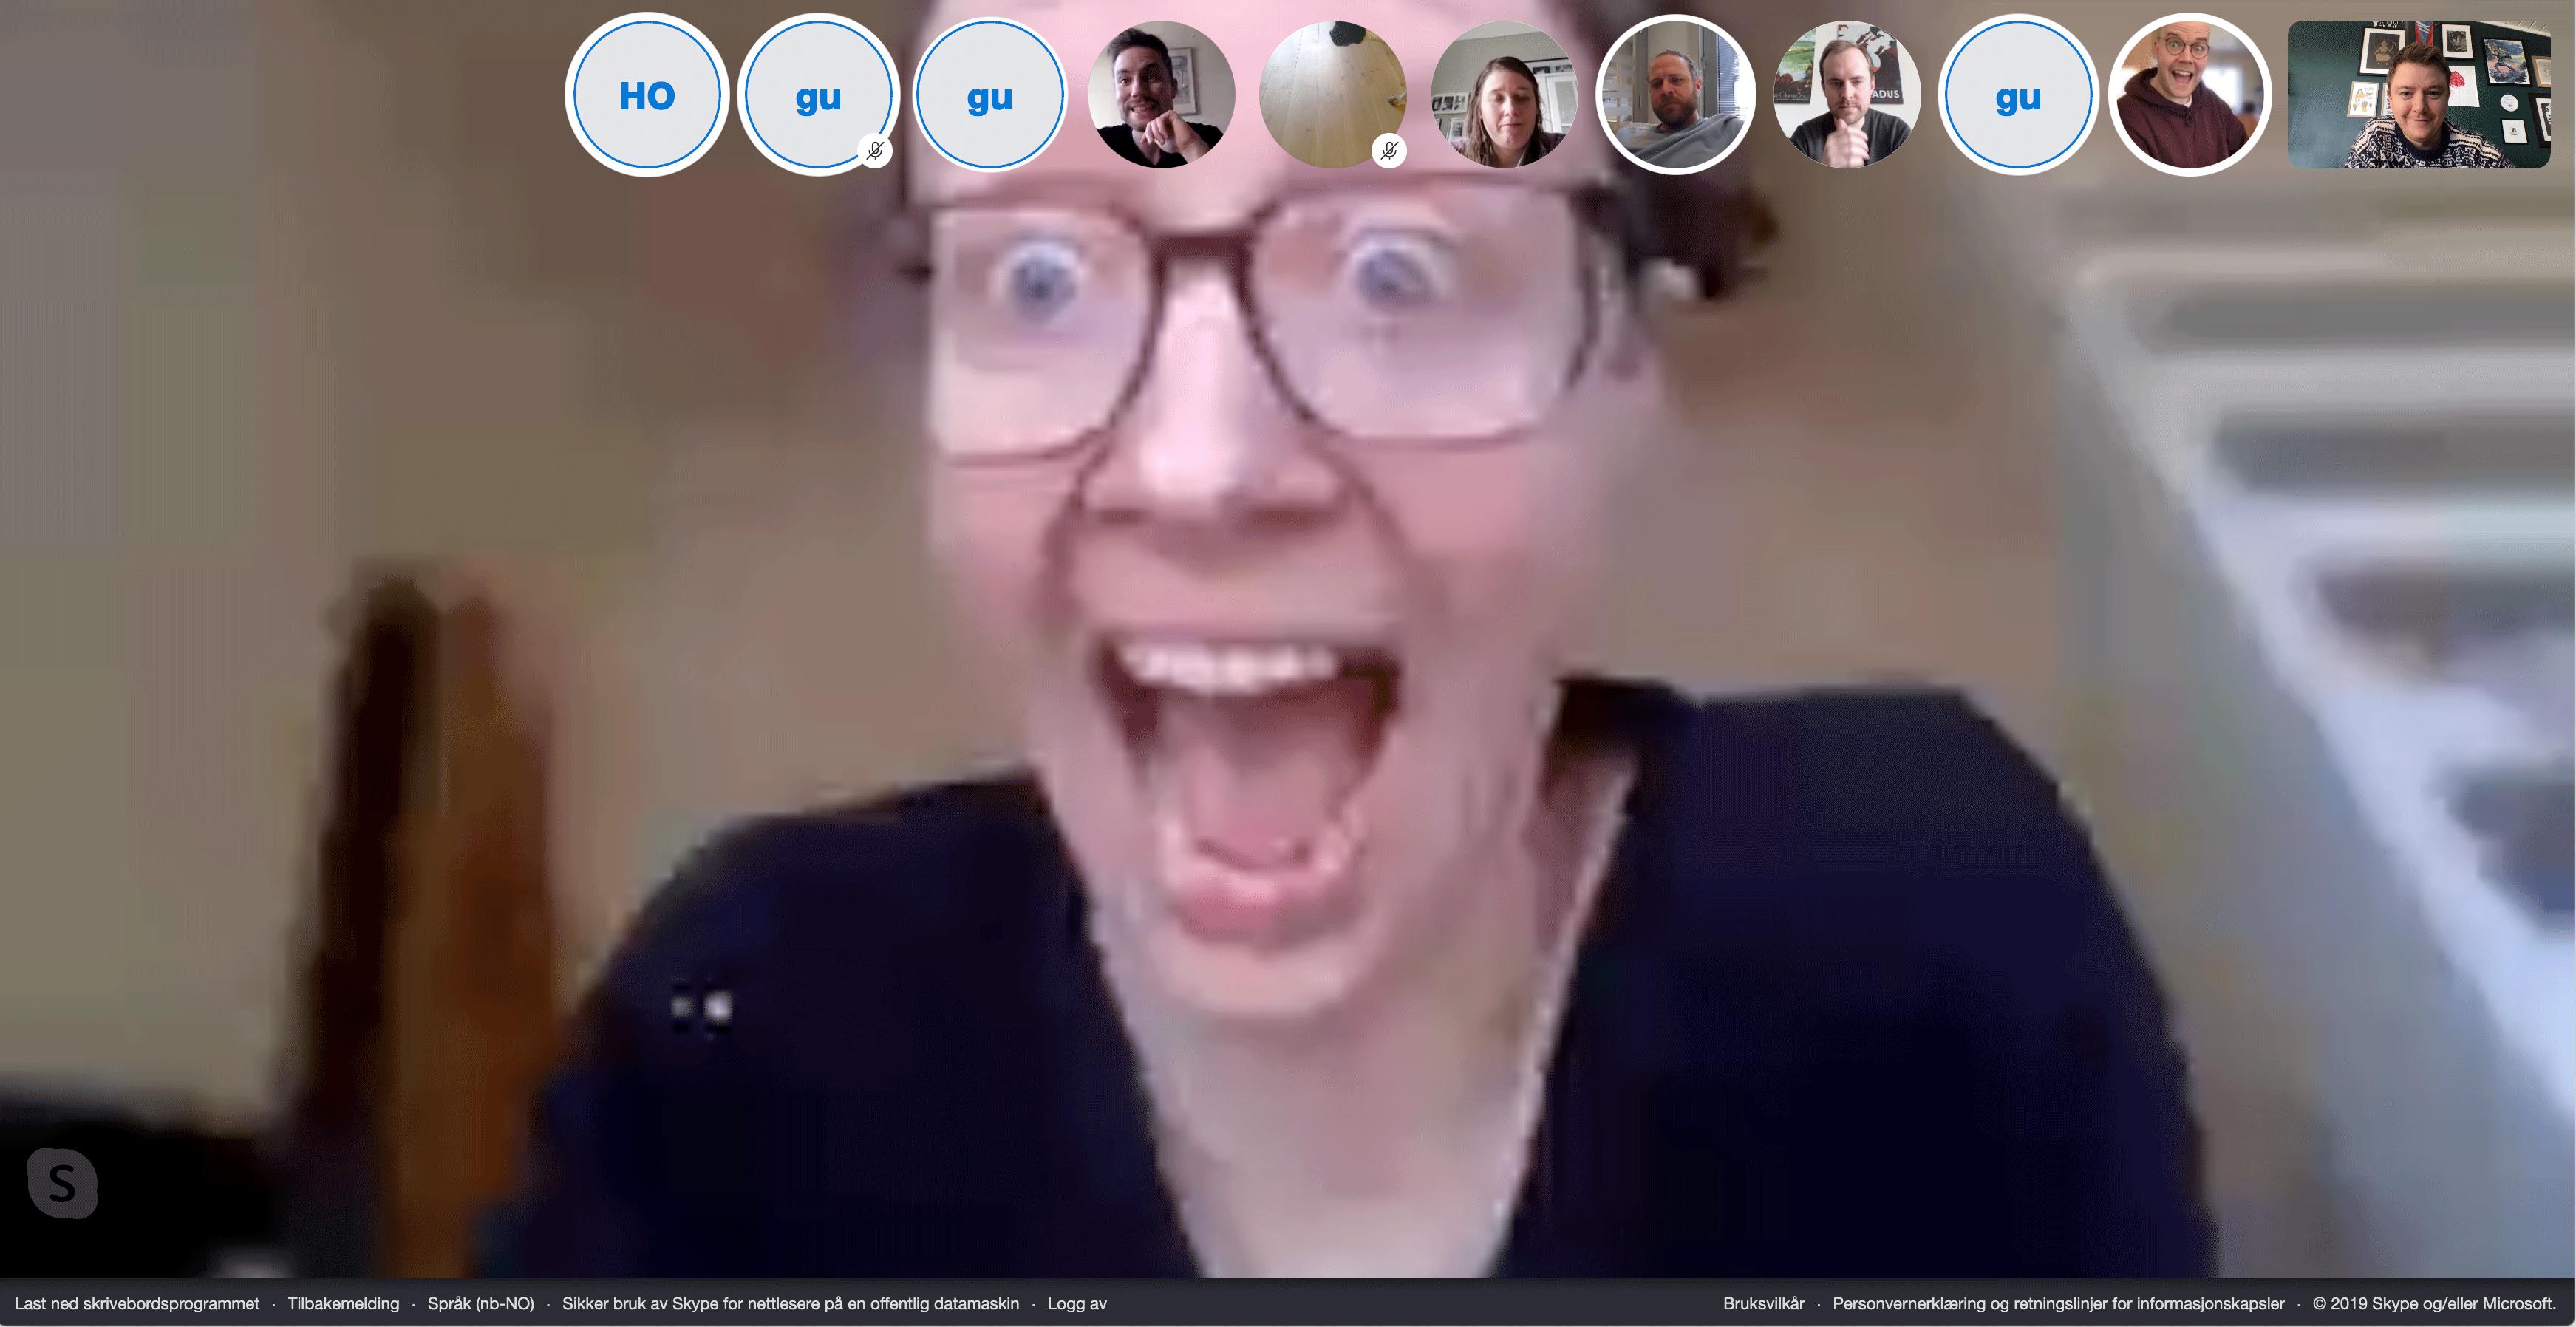 Skype hadde dårligst video og bildekvalitet, og har ingen avanserte funksjoner bortsett fra skjermdeling.